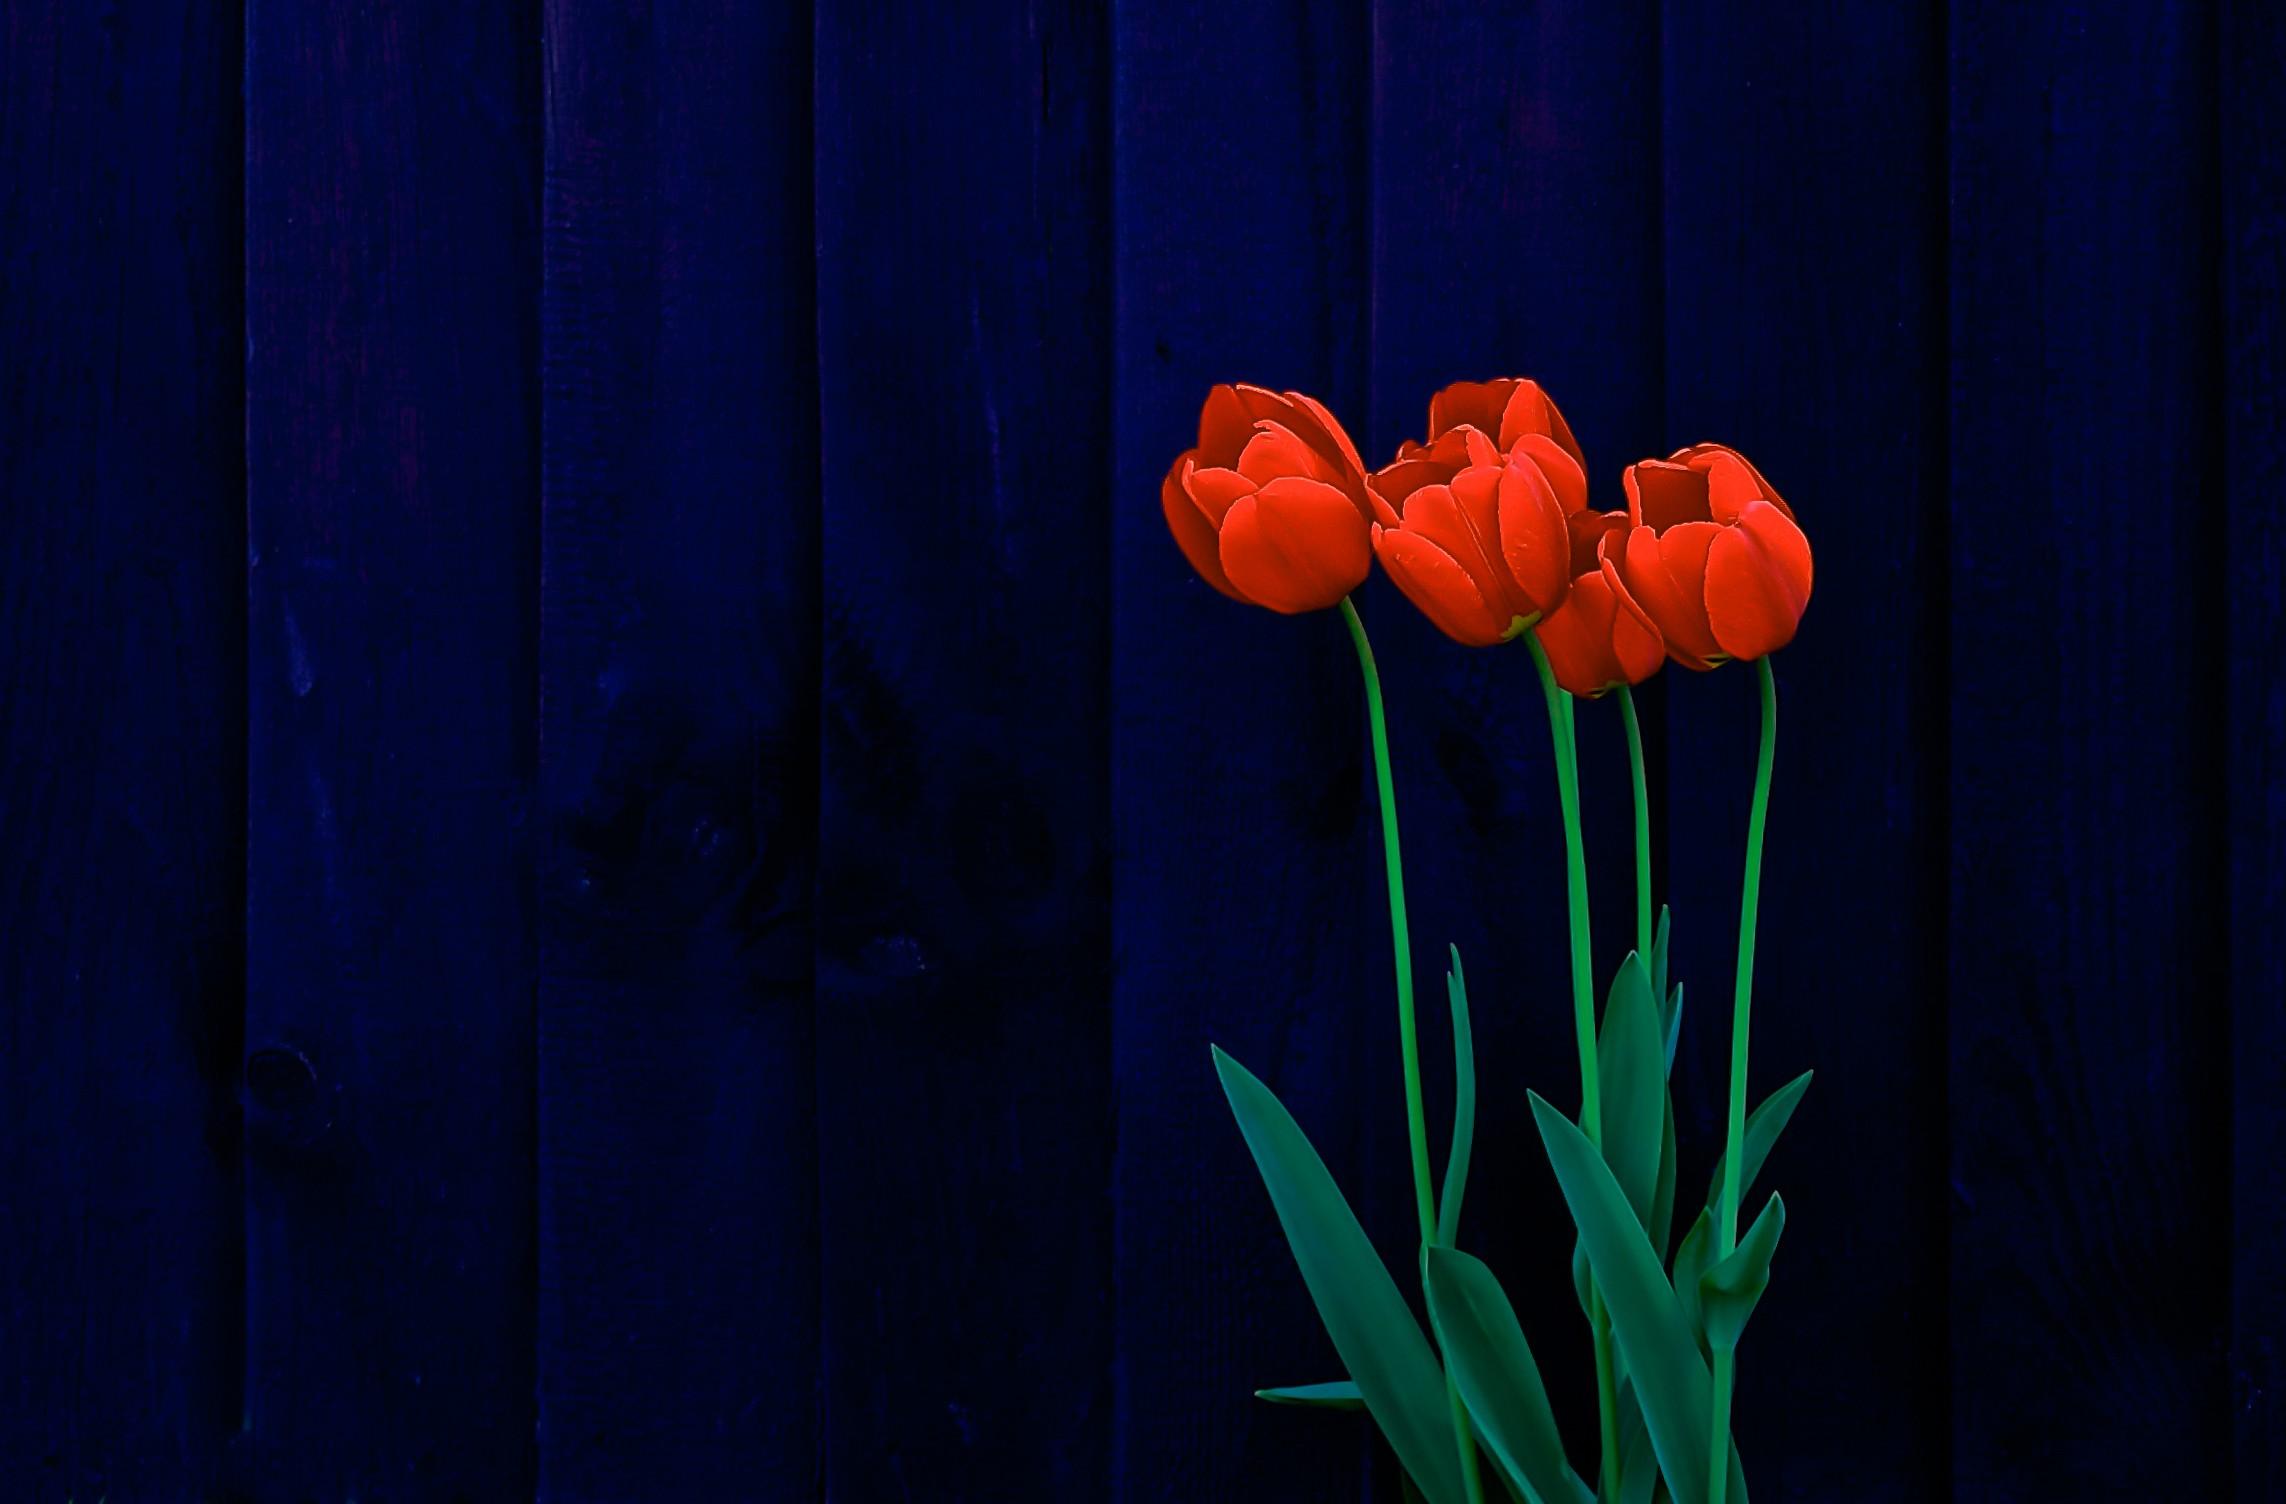 Fondos De Pantalla Rosa Rosa Flores Fondo De Madera: Fondos De Pantalla : Flores, Superficie De Madera, Rojo